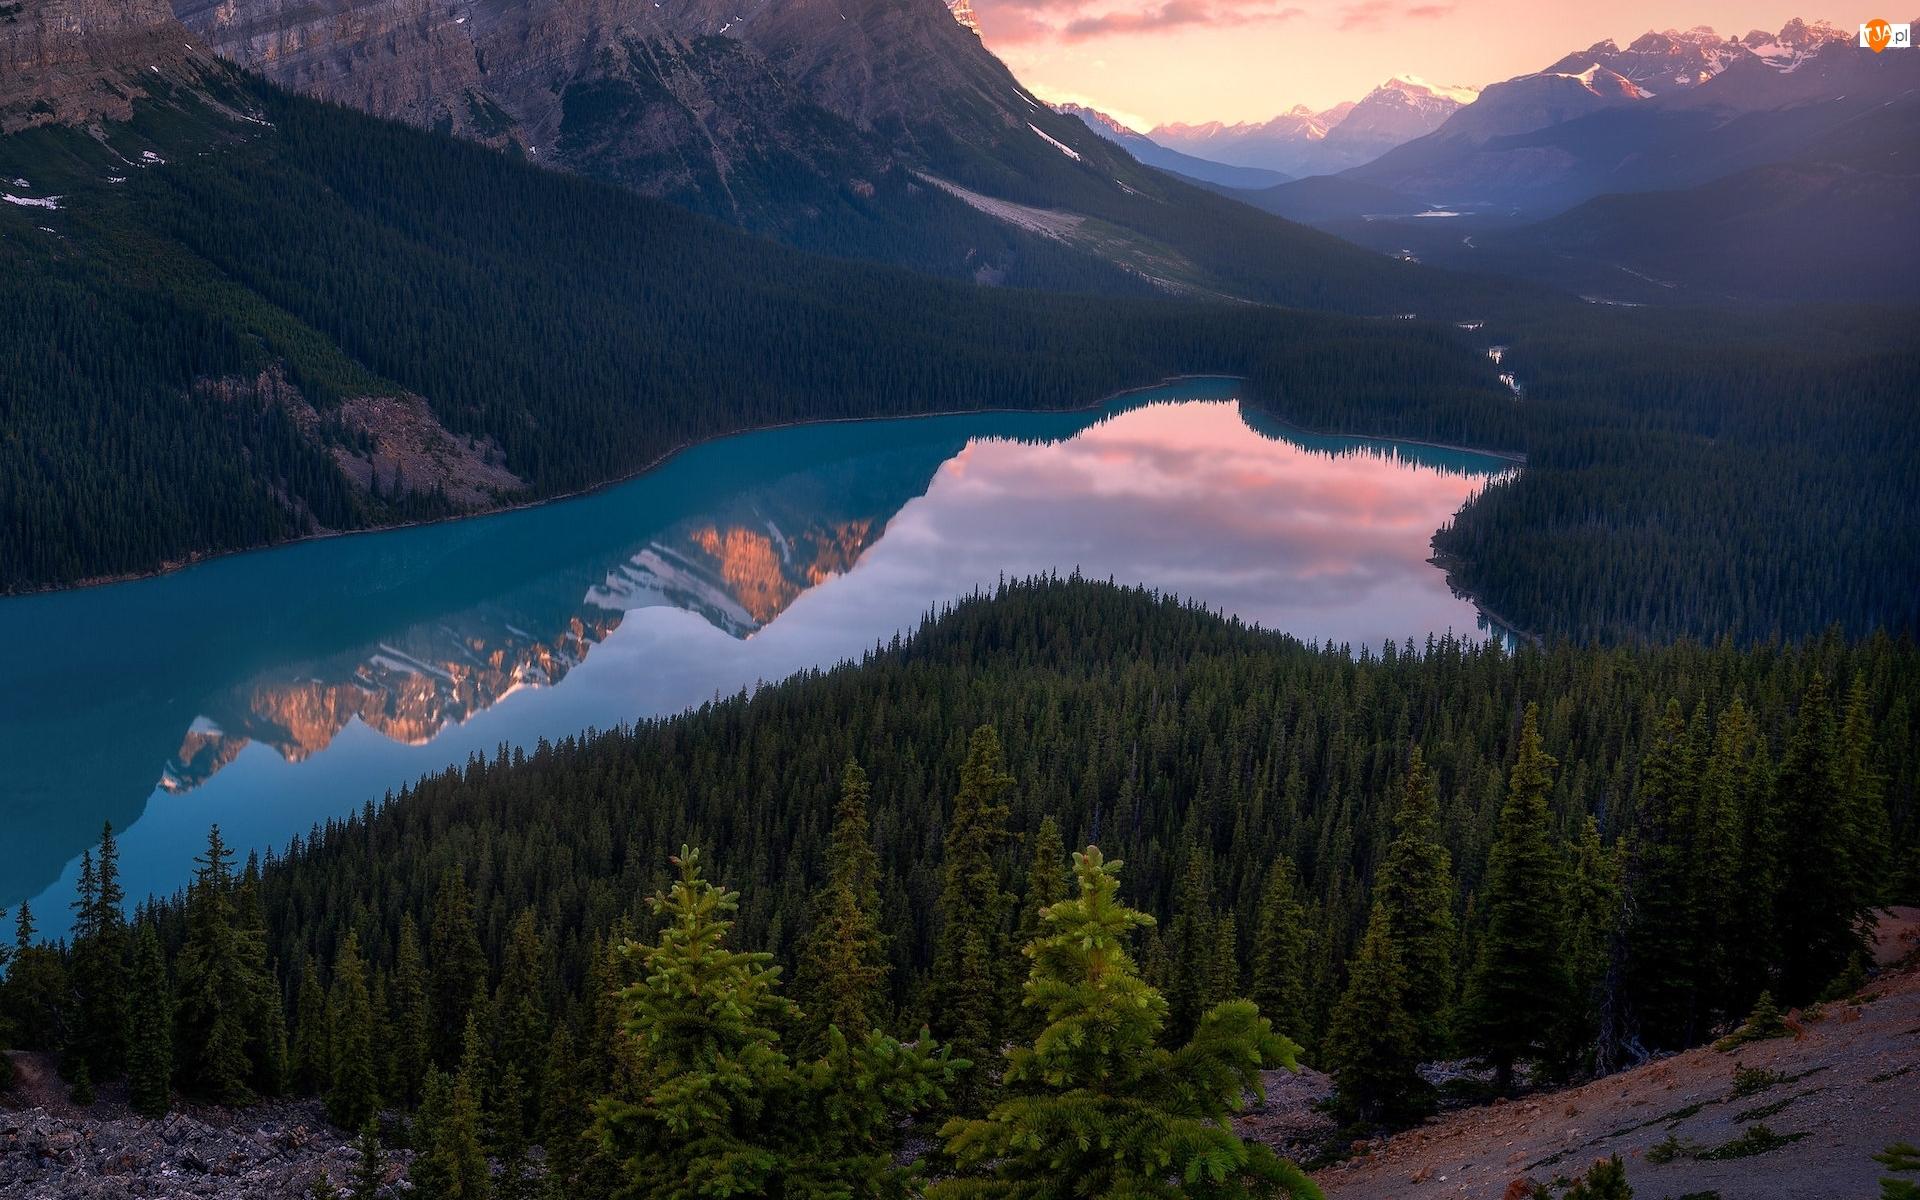 Lasy, Kanada, Góry Canadian Rockies, Zachód słońca, Park Narodowy Banff, Drzewa, Odbicie, Jezioro Peyto Lake